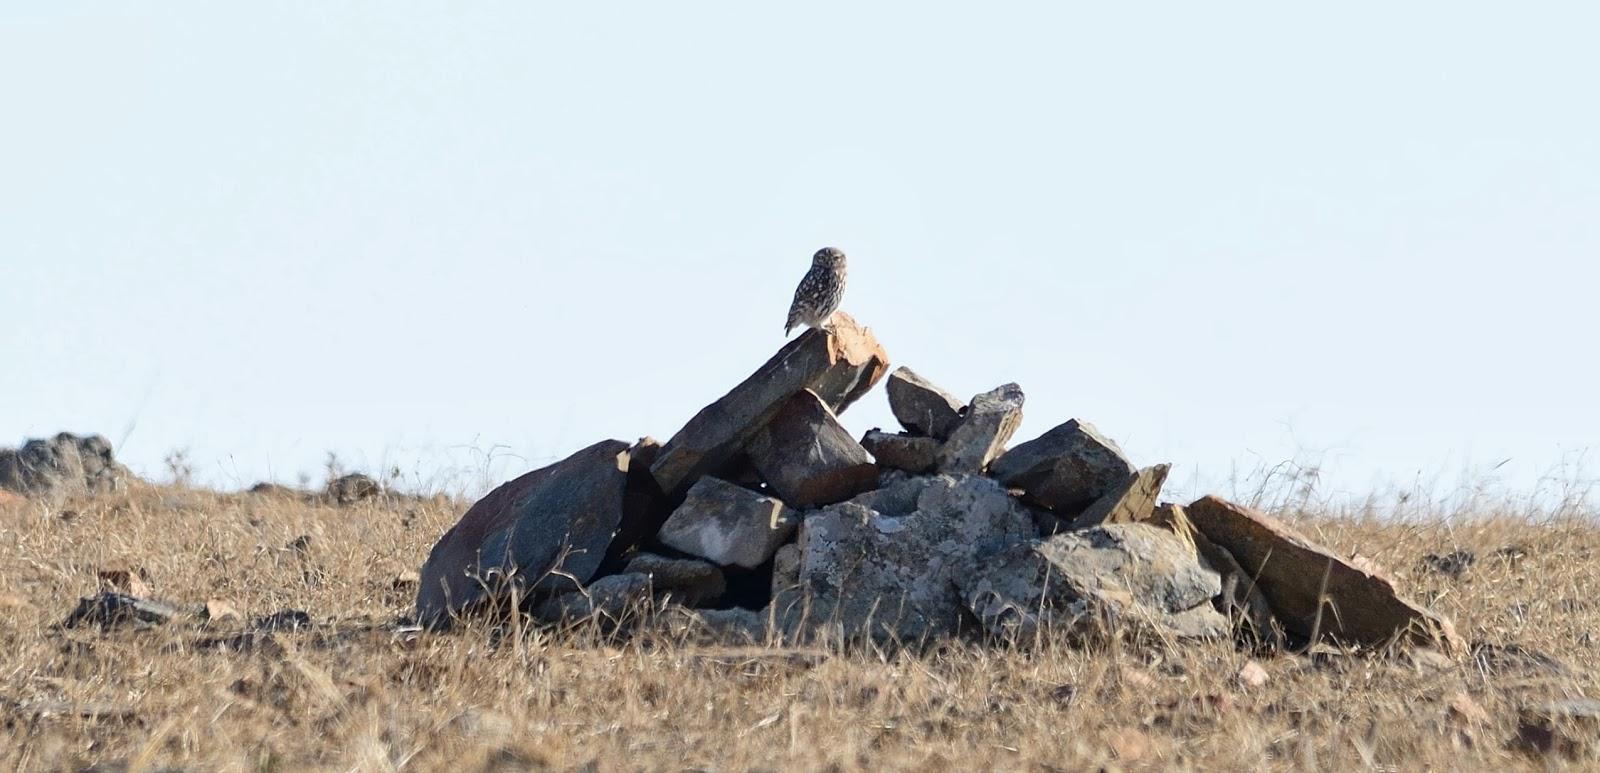 Excursión SEO/BirdLife a ZEPA del Alto Guadiato. Mochuelo